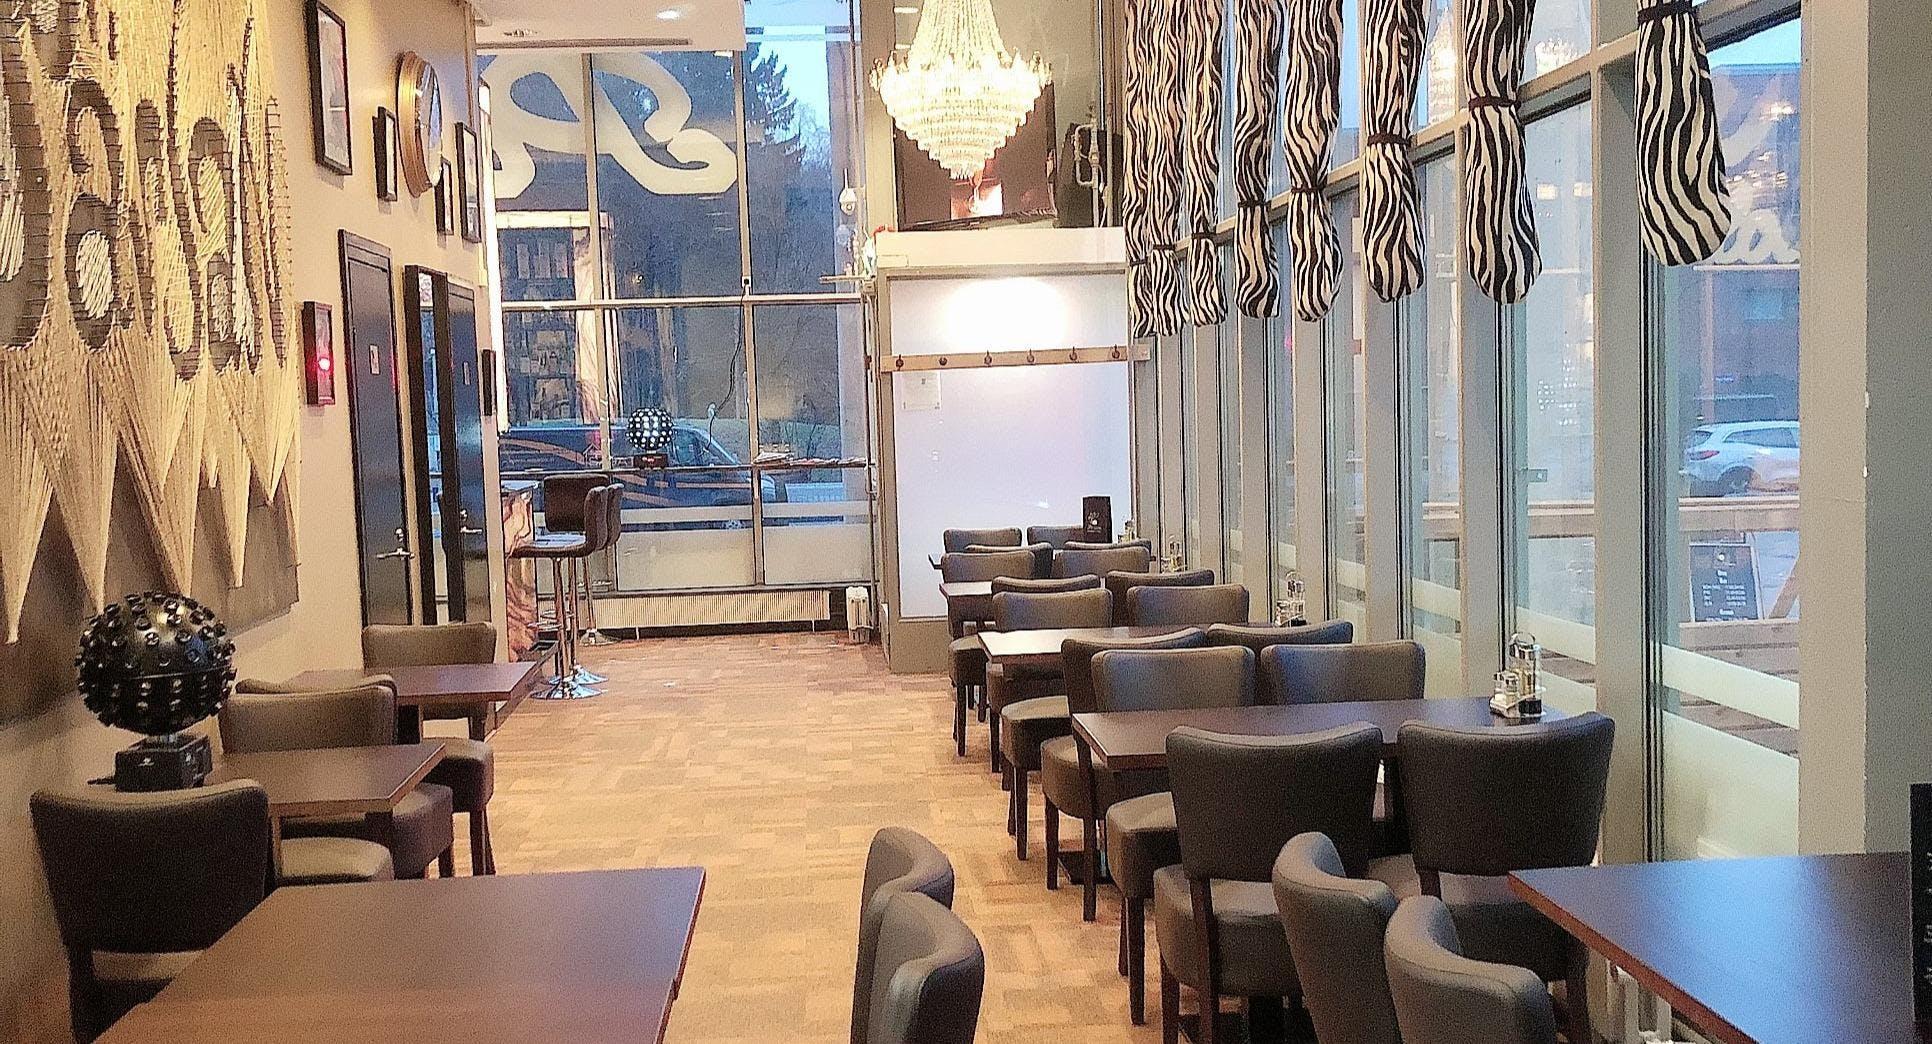 Pärlan Bar & Restaurant